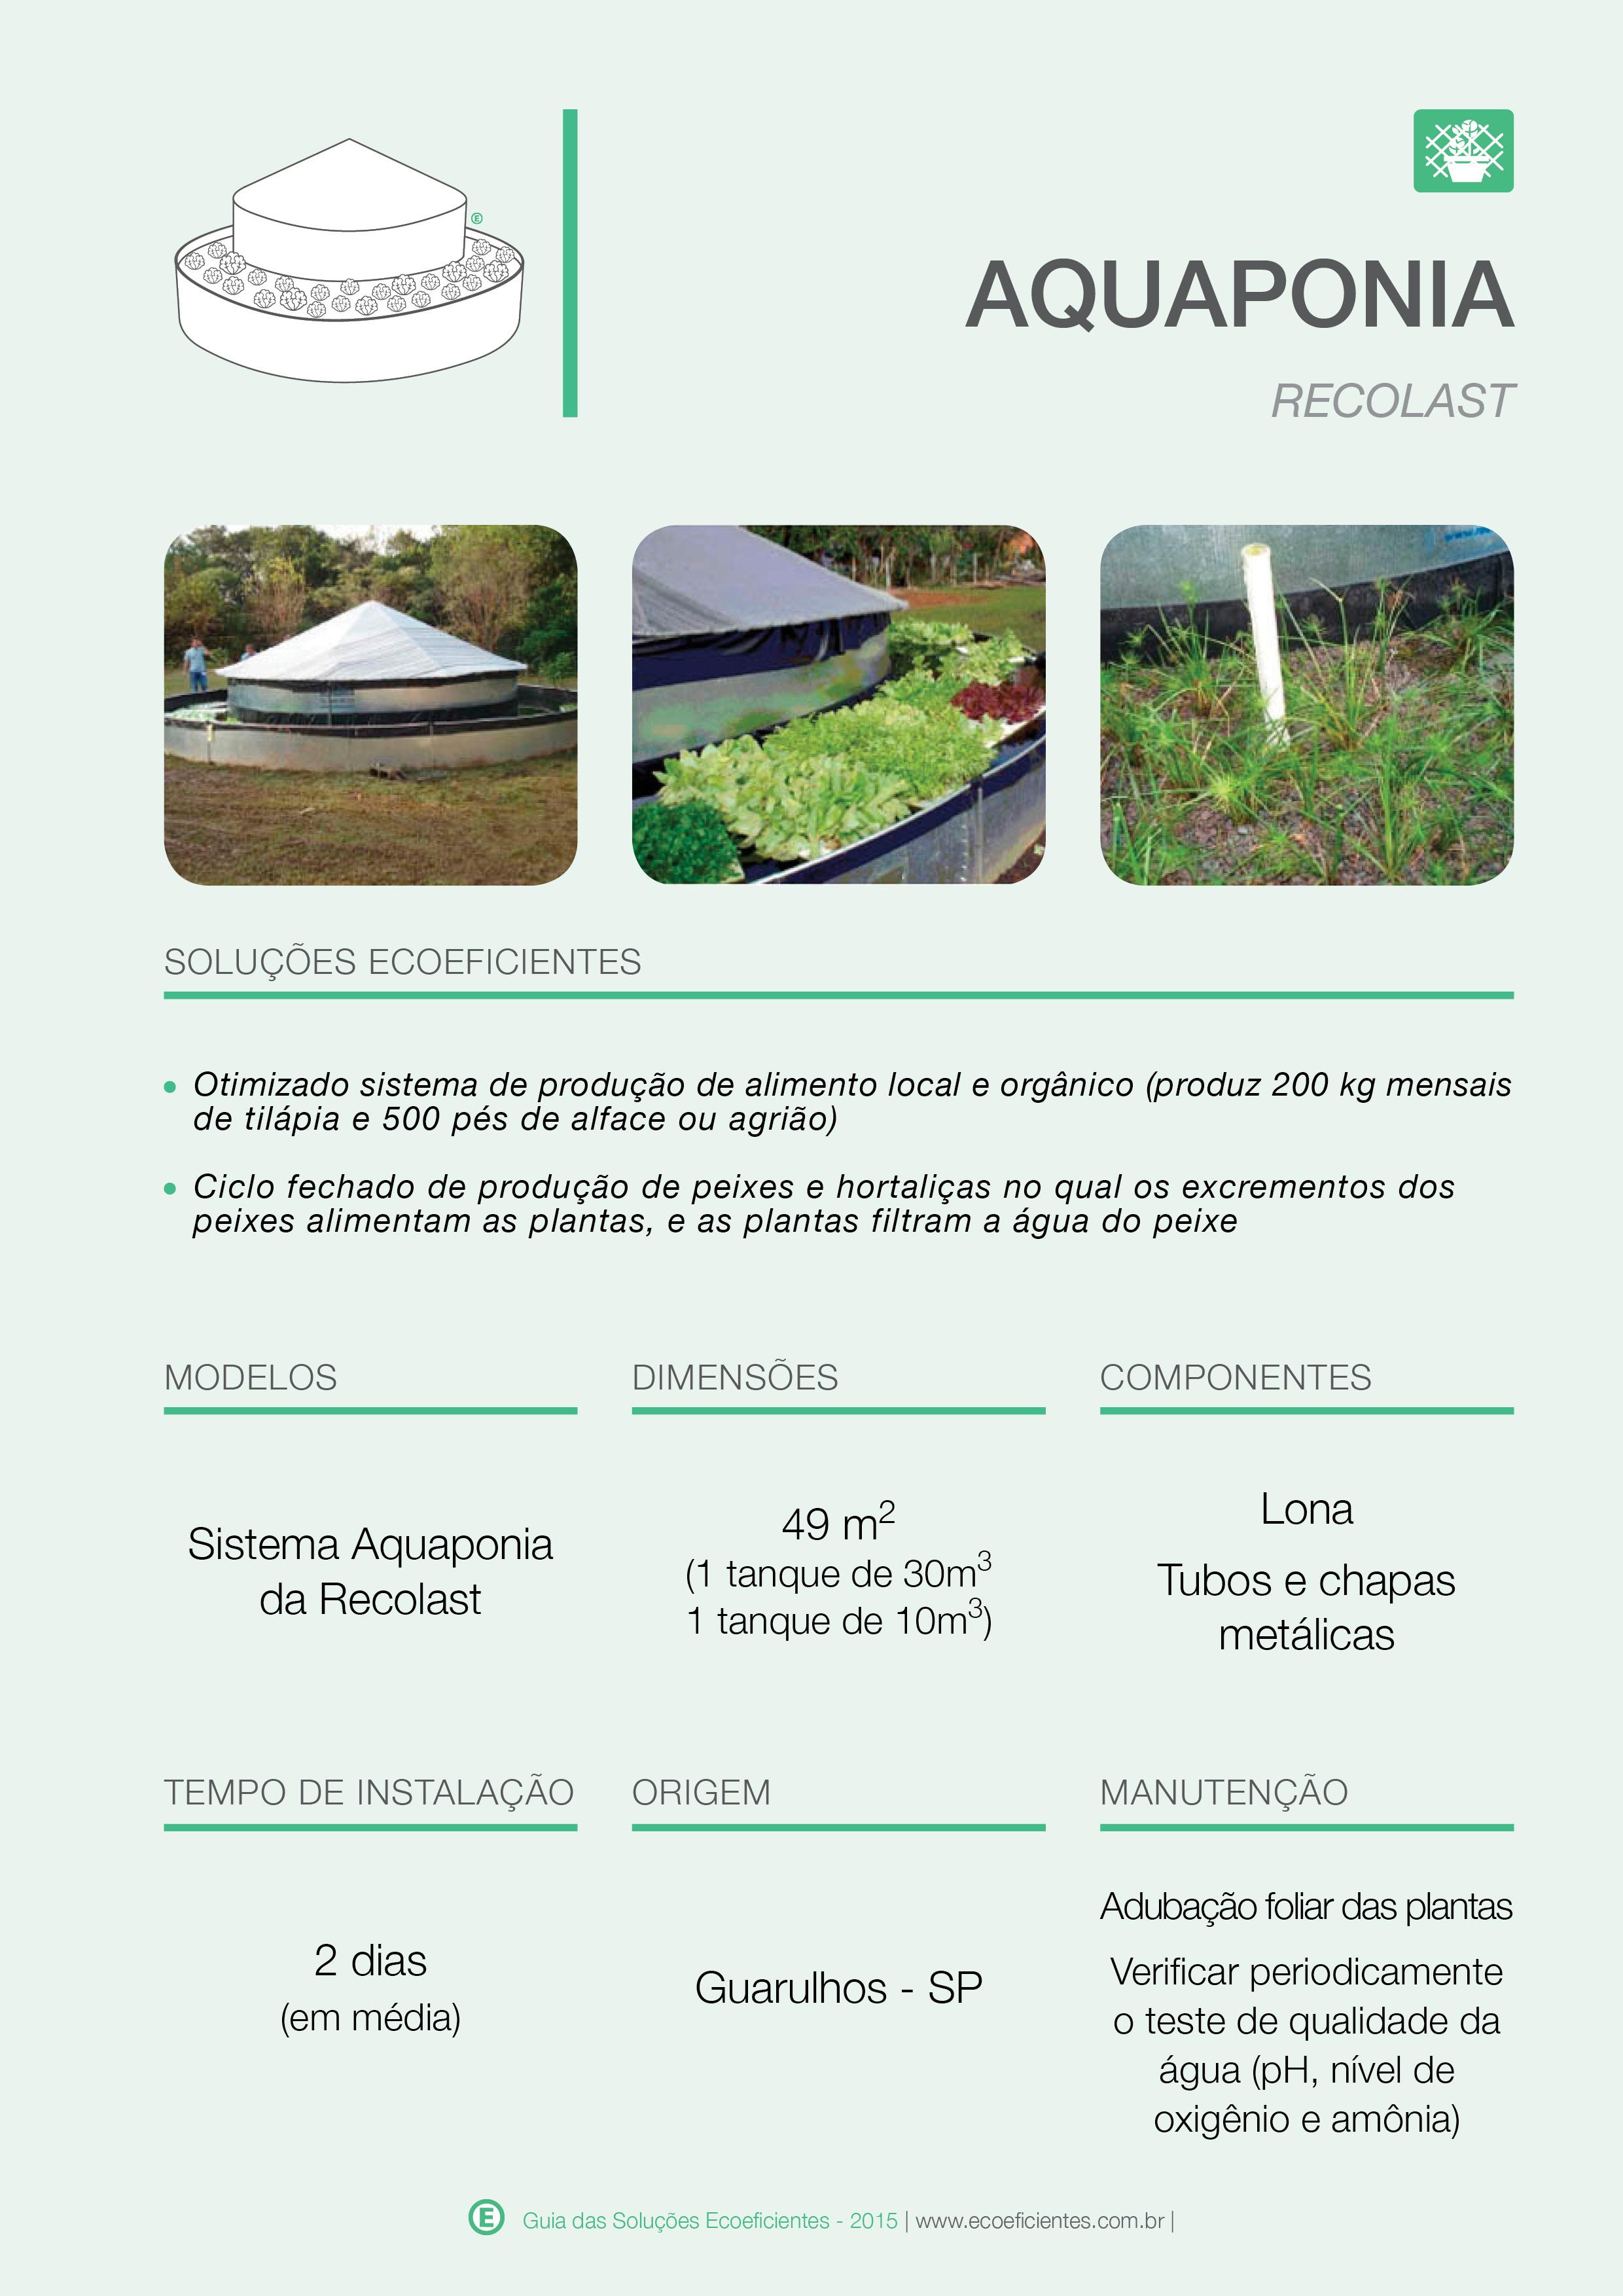 44-aquaponia-recolast